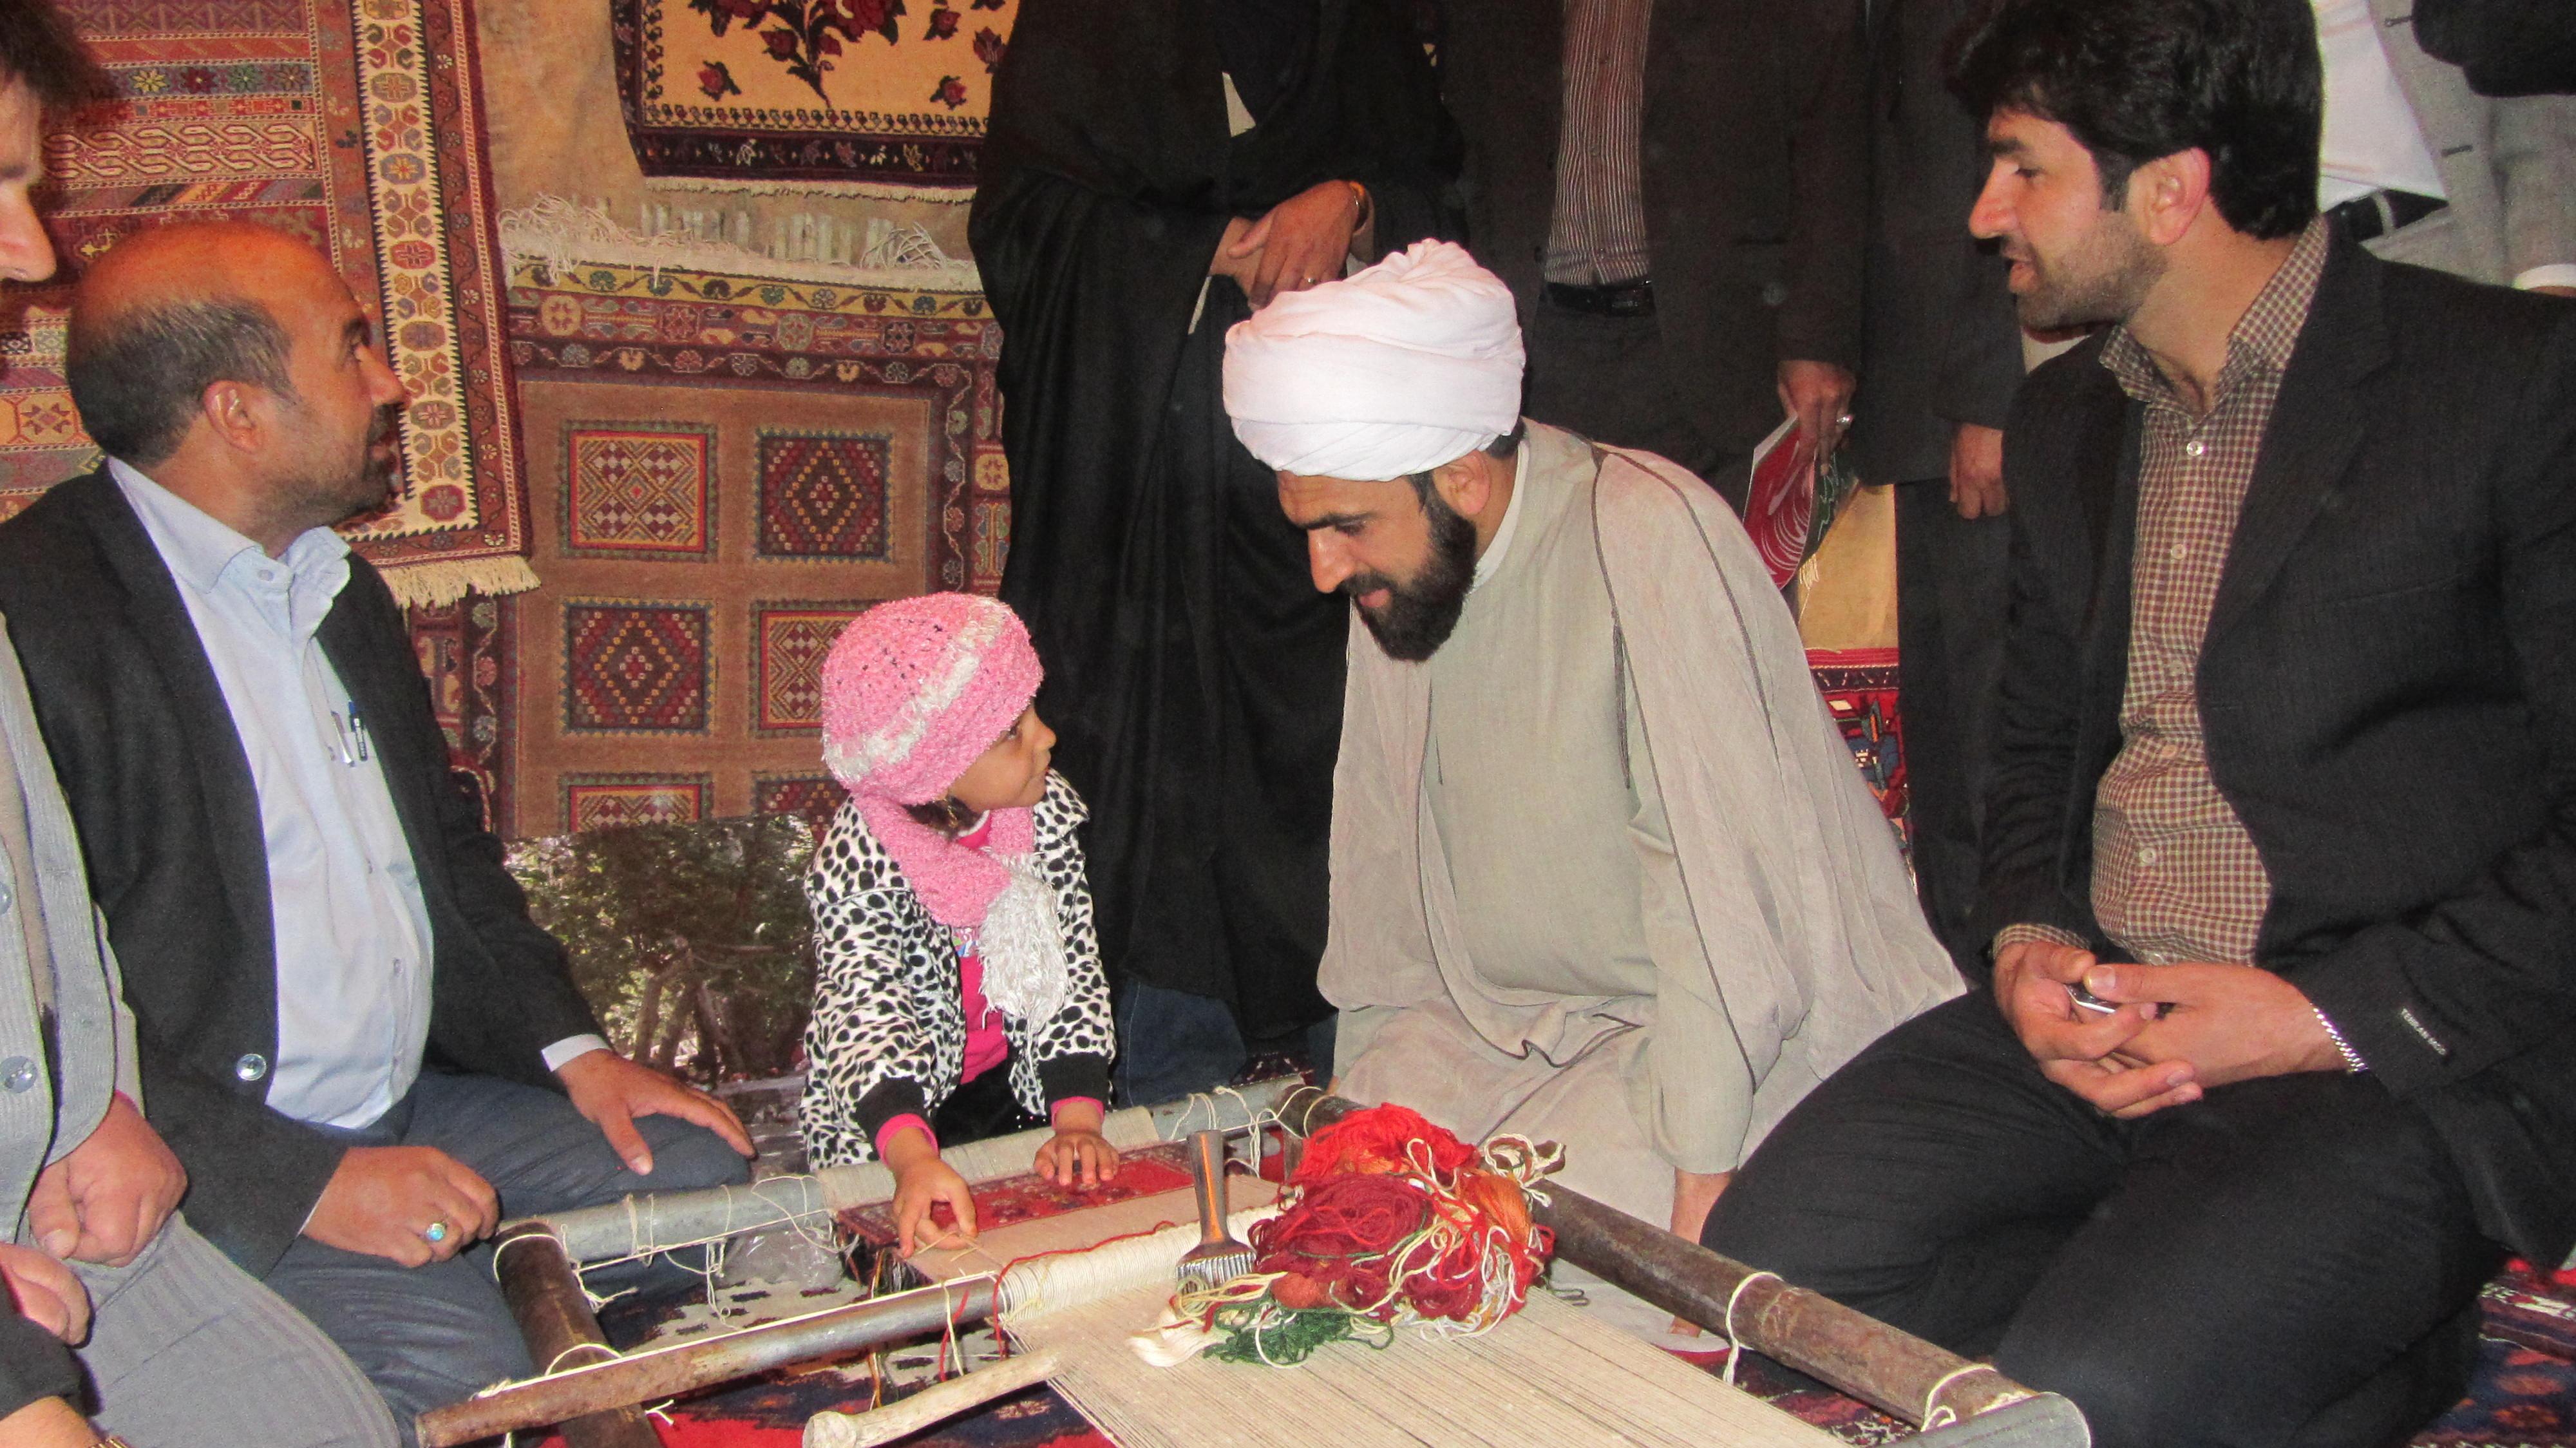 حضور امام جمعه شهرستان بافت حجت الاسلام مهدي زاده در نمايشگاه صنايع دستي